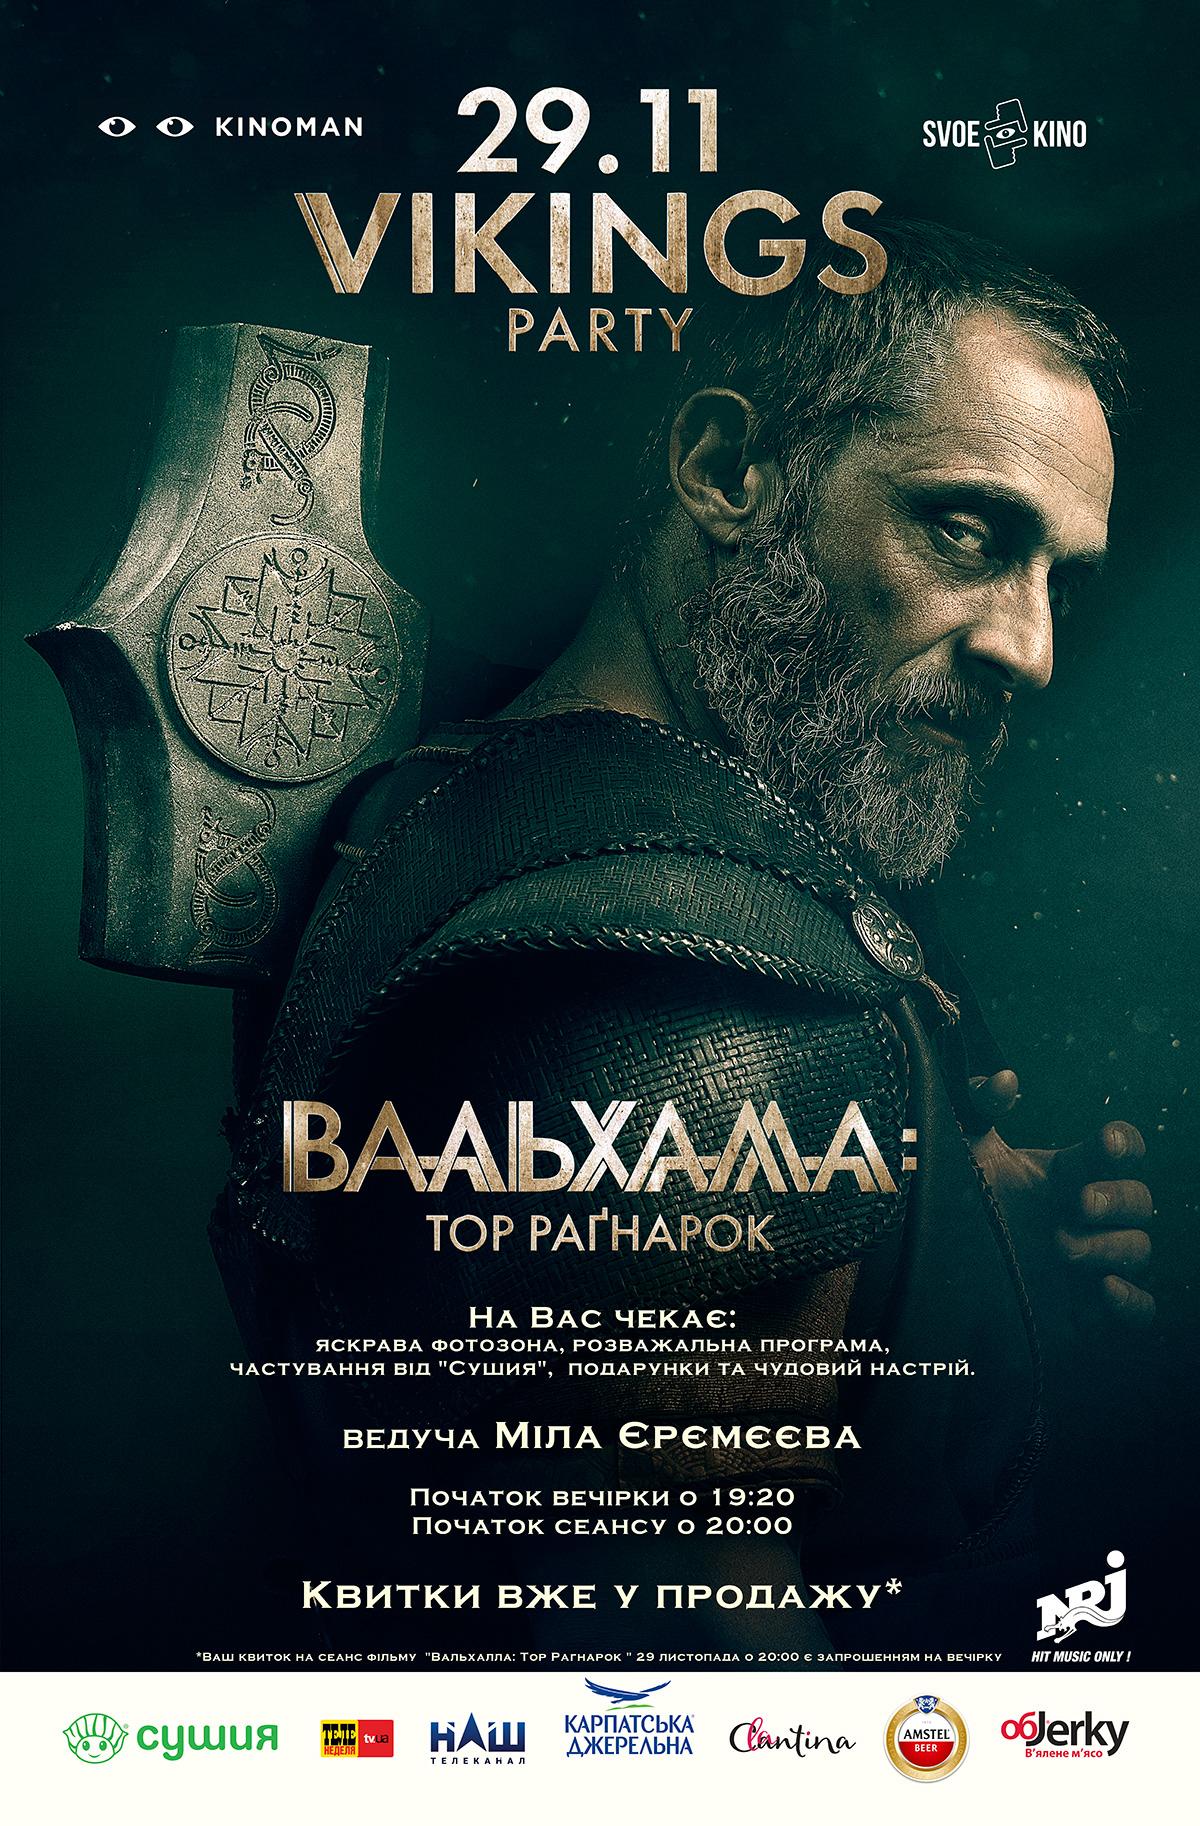 В Киеве состоится VIKINGS PARTY в честь премьеры фильма